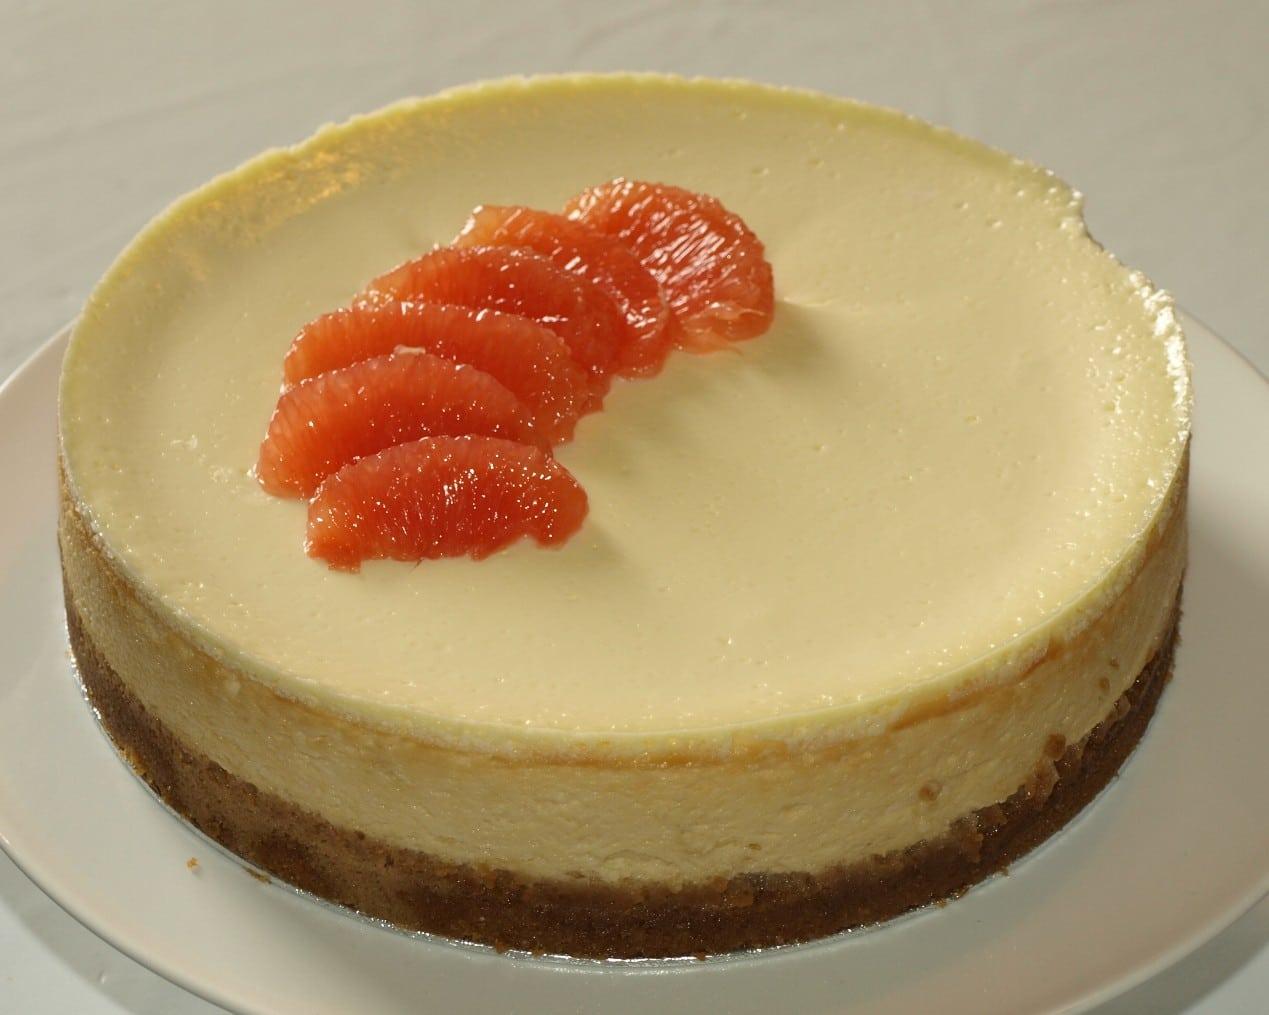 grapefruit cheesecake, cheesecake recipe, dessert, dessert recipe, cake